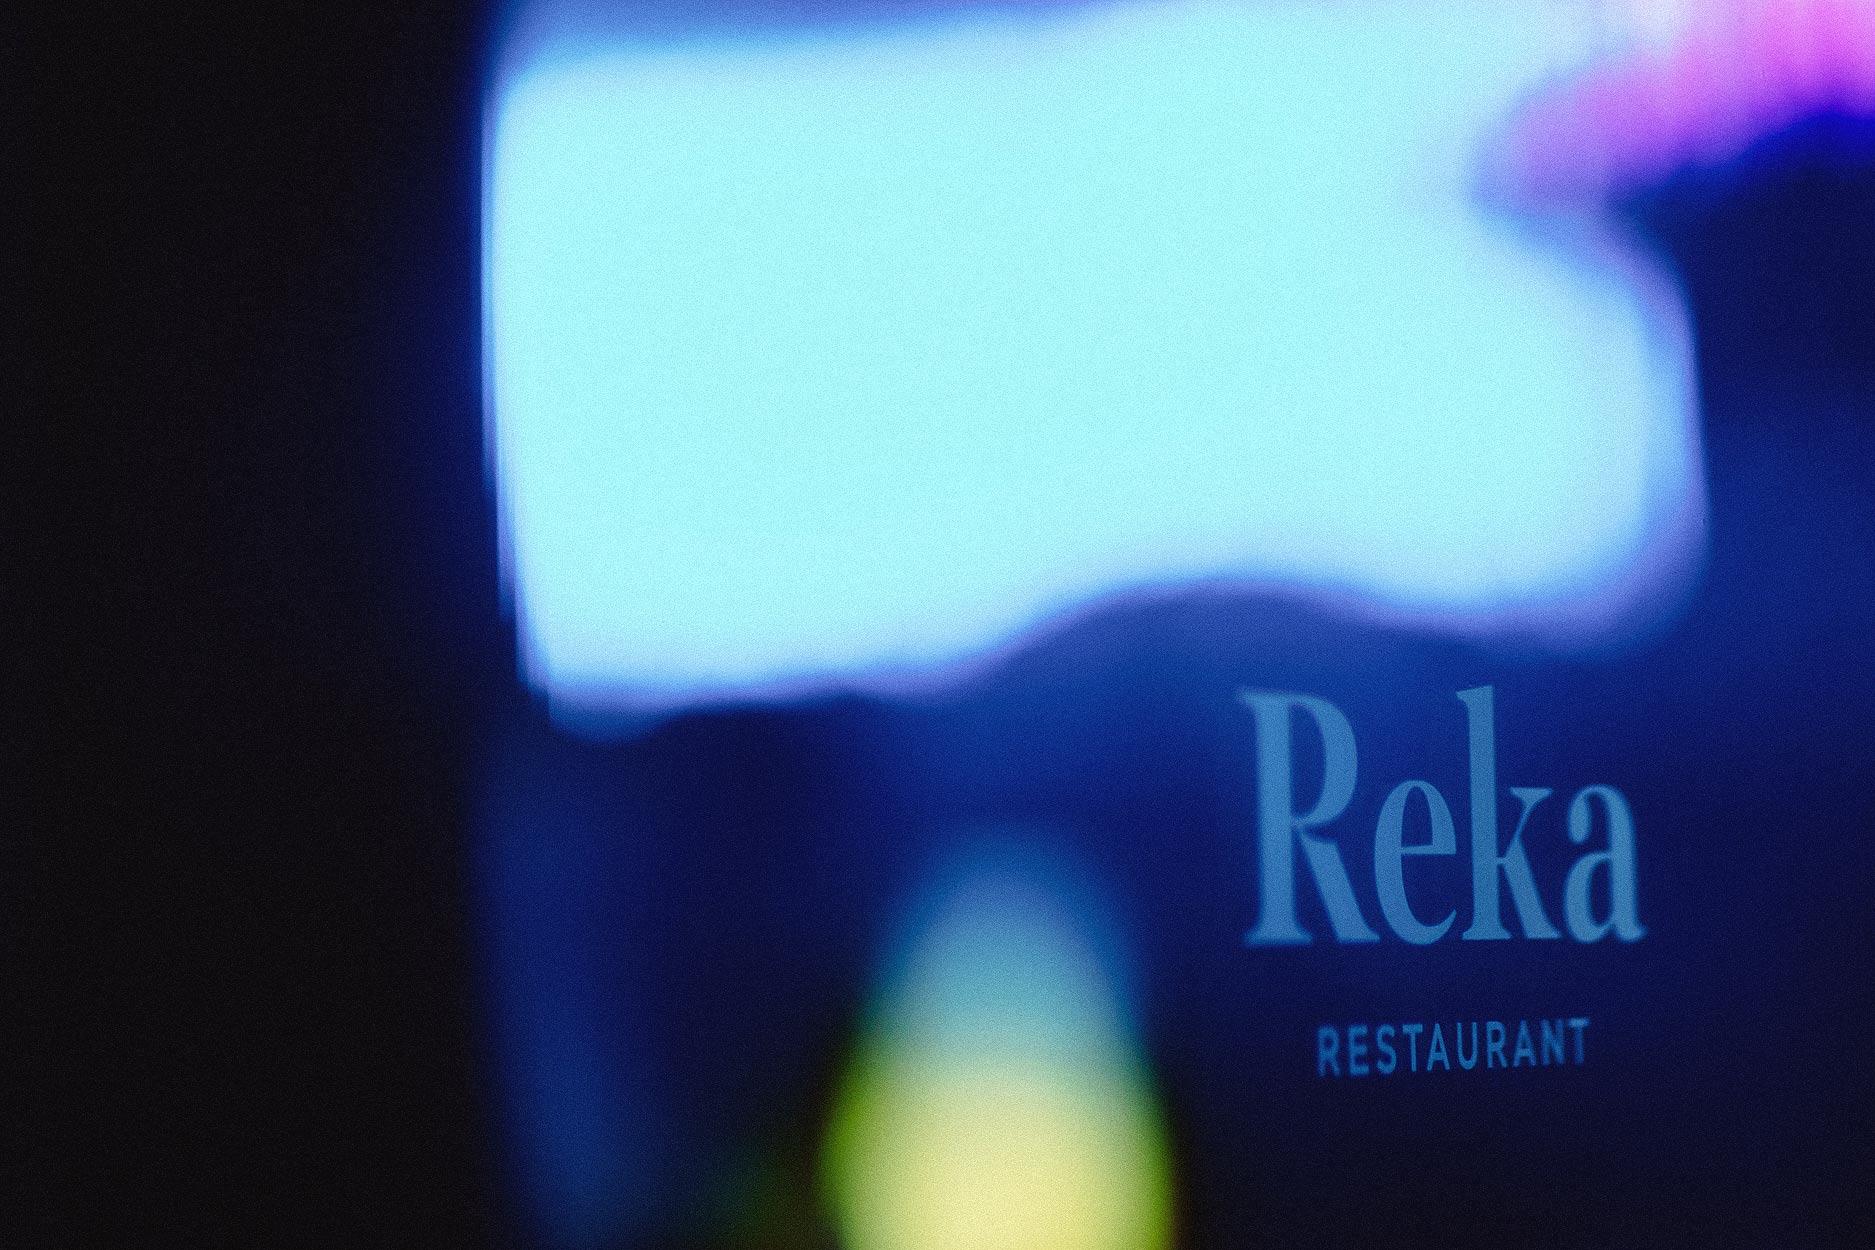 Reka-1